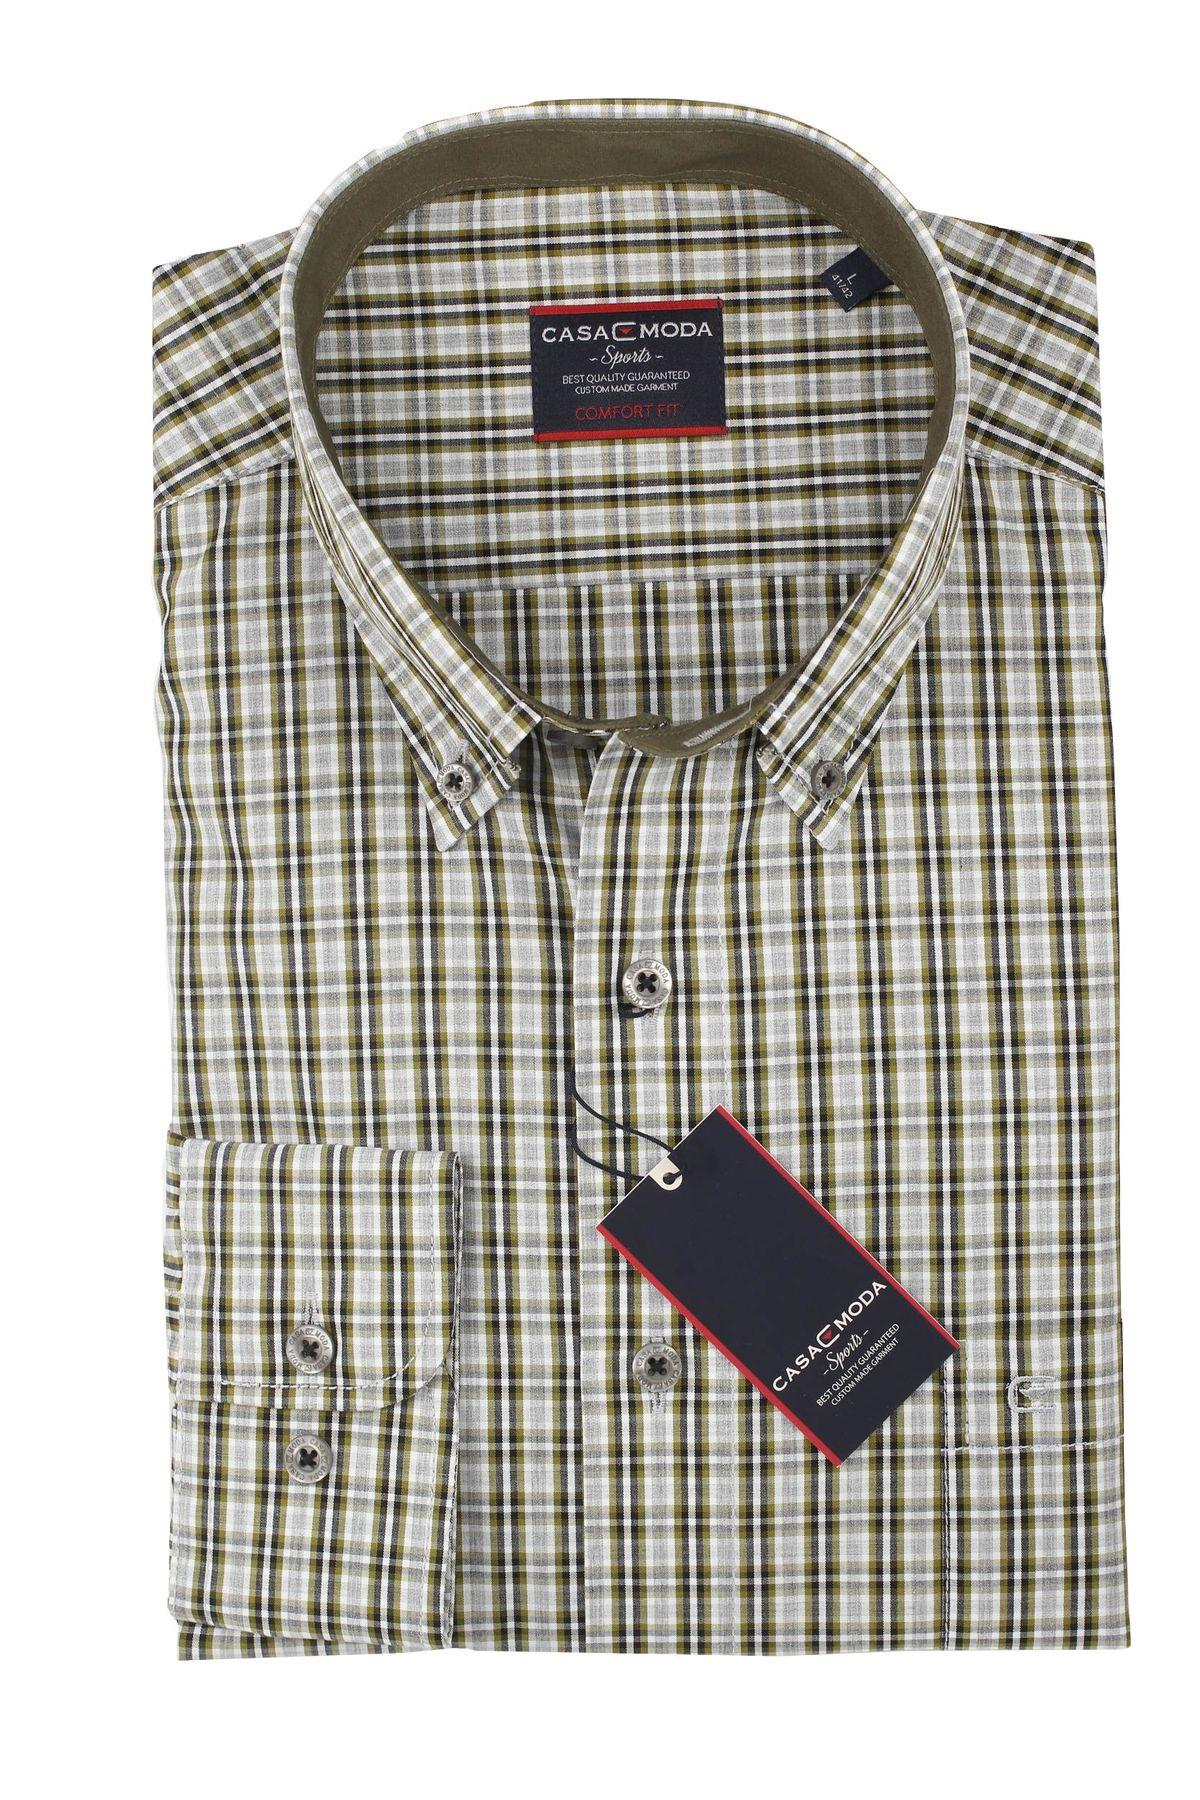 Casa Moda - Comfort Fit - Herren Hemd mit Karo Muster und Button Down Kragen (462722800 A) – Bild 9